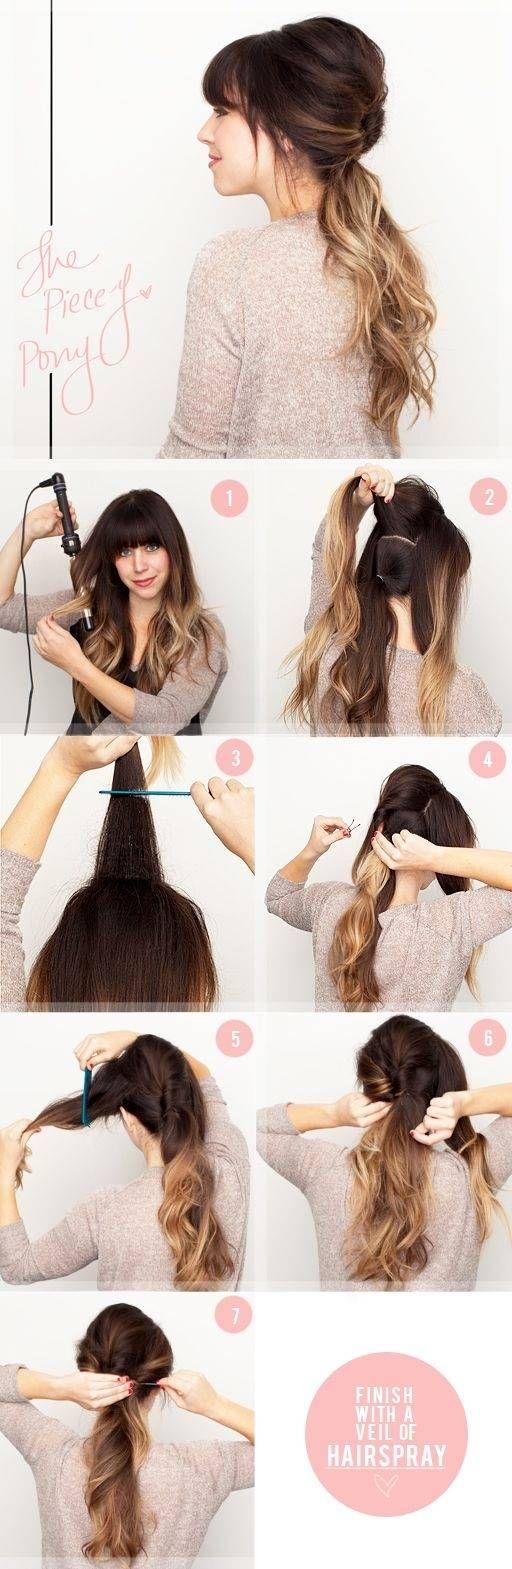 #Hairstyles #long #Hair #Bangs